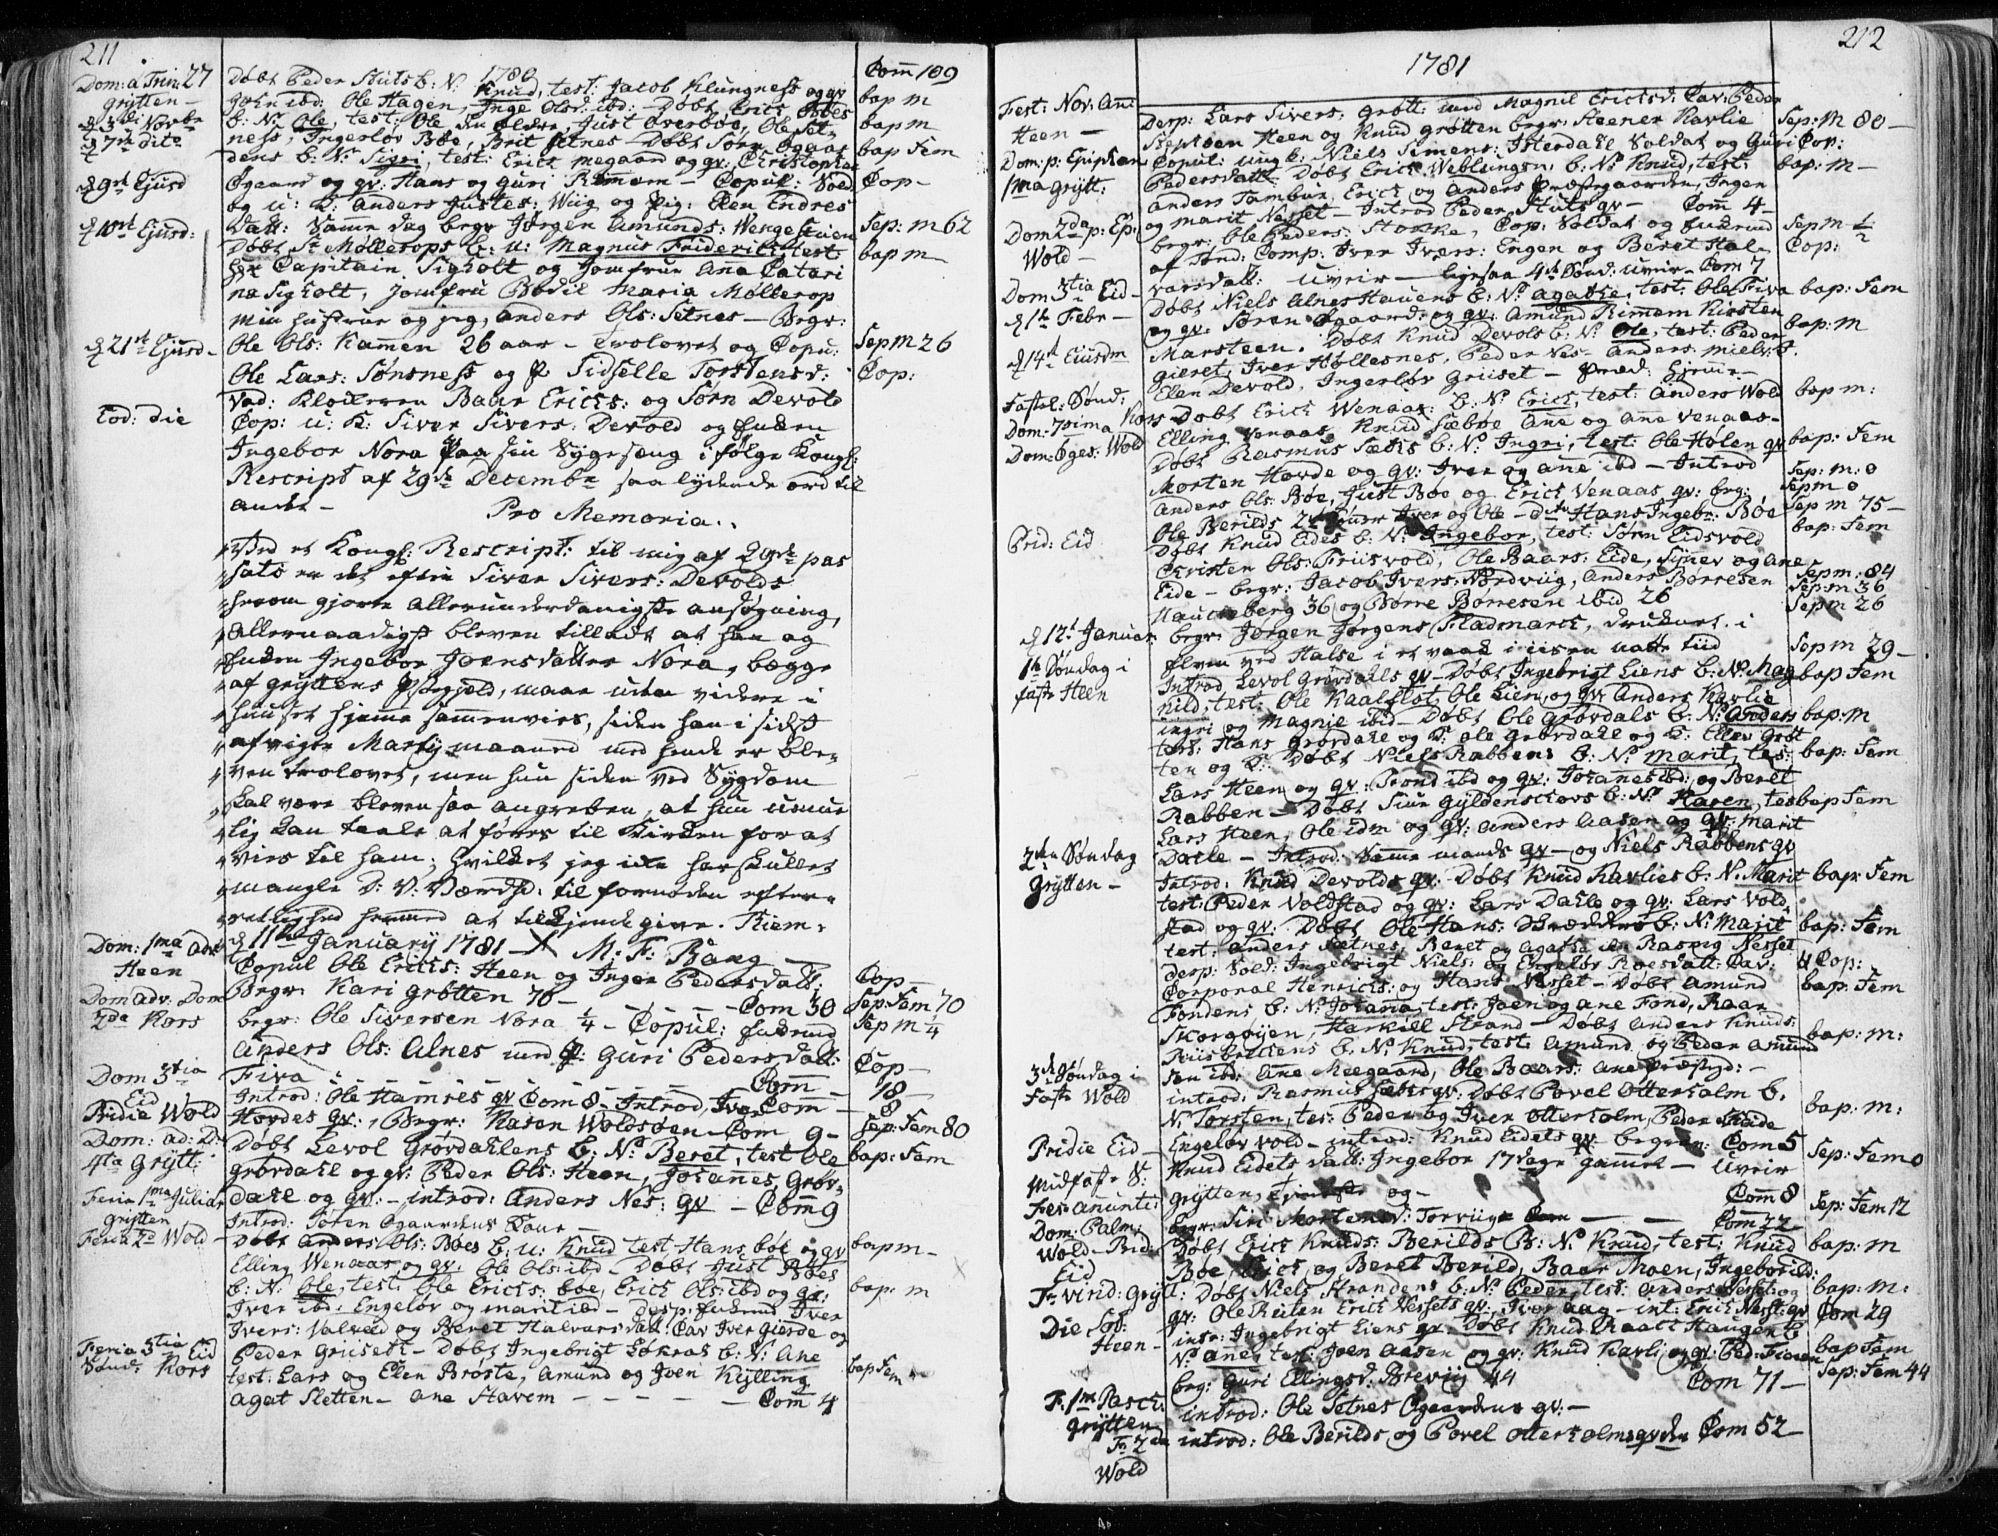 SAT, Ministerialprotokoller, klokkerbøker og fødselsregistre - Møre og Romsdal, 544/L0569: Ministerialbok nr. 544A02, 1764-1806, s. 211-212